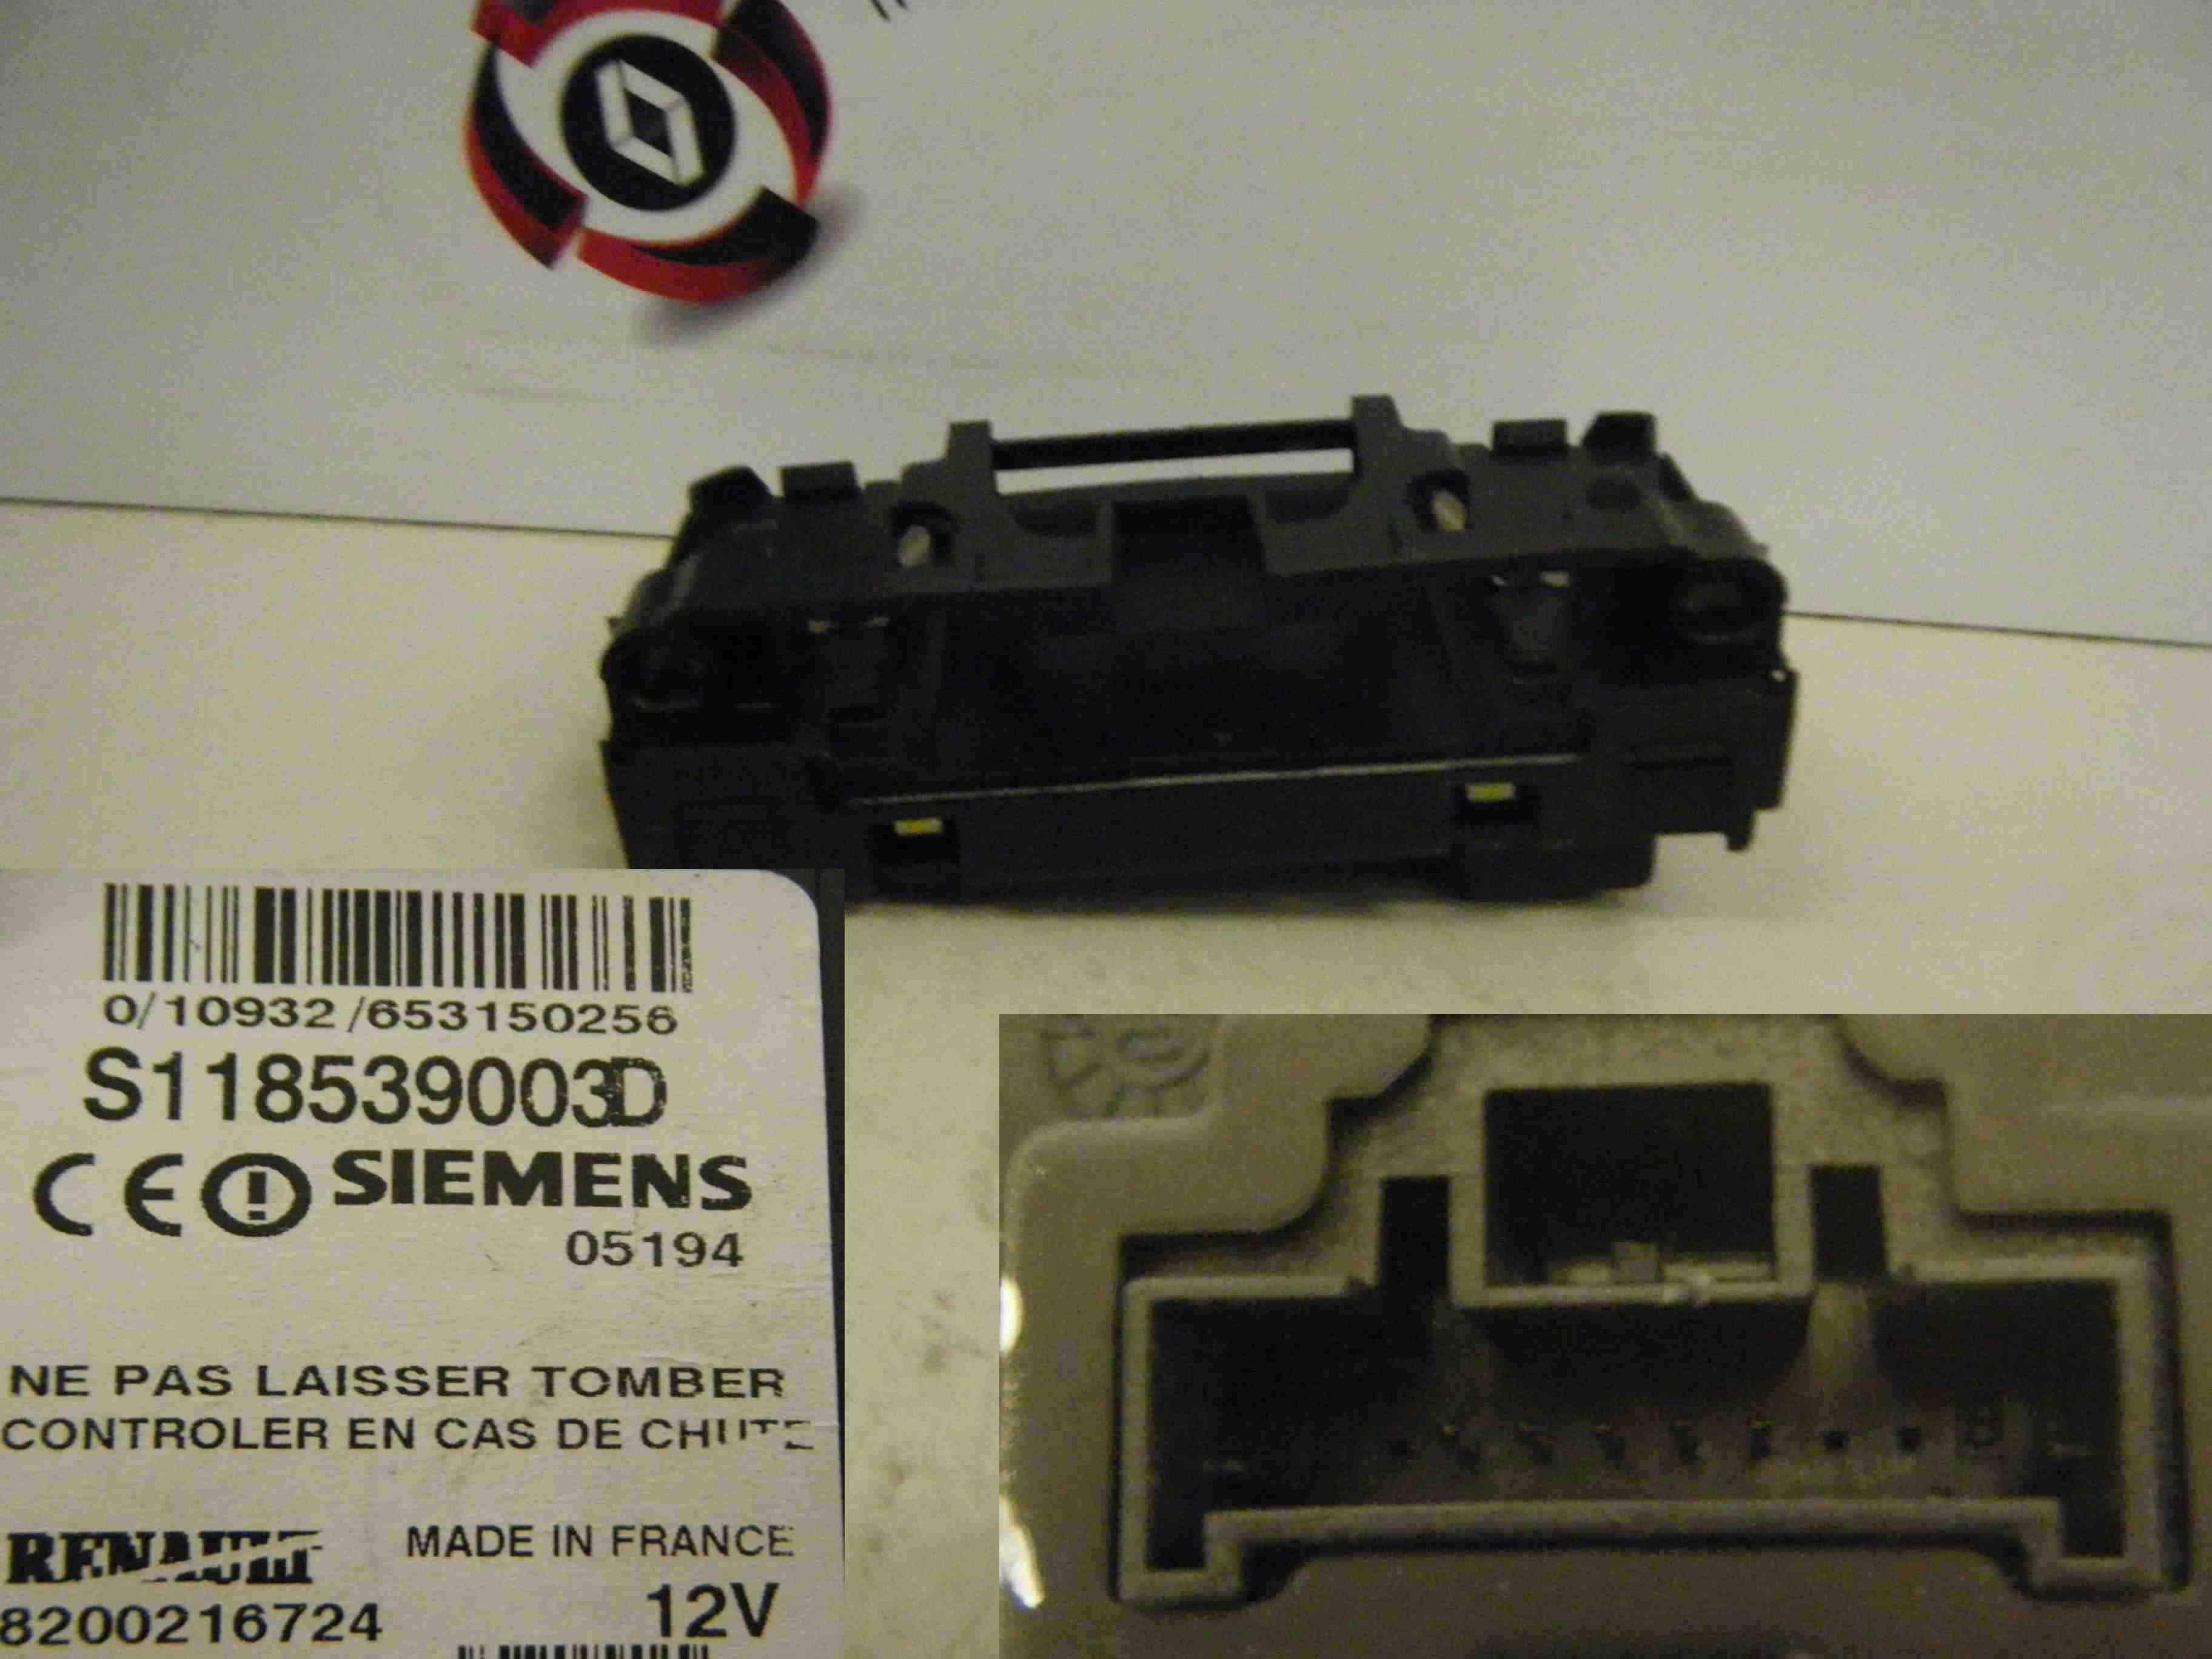 Renault Megane Scenic 2003-2009 Ignition Key Card Reader Transponder 8200216724